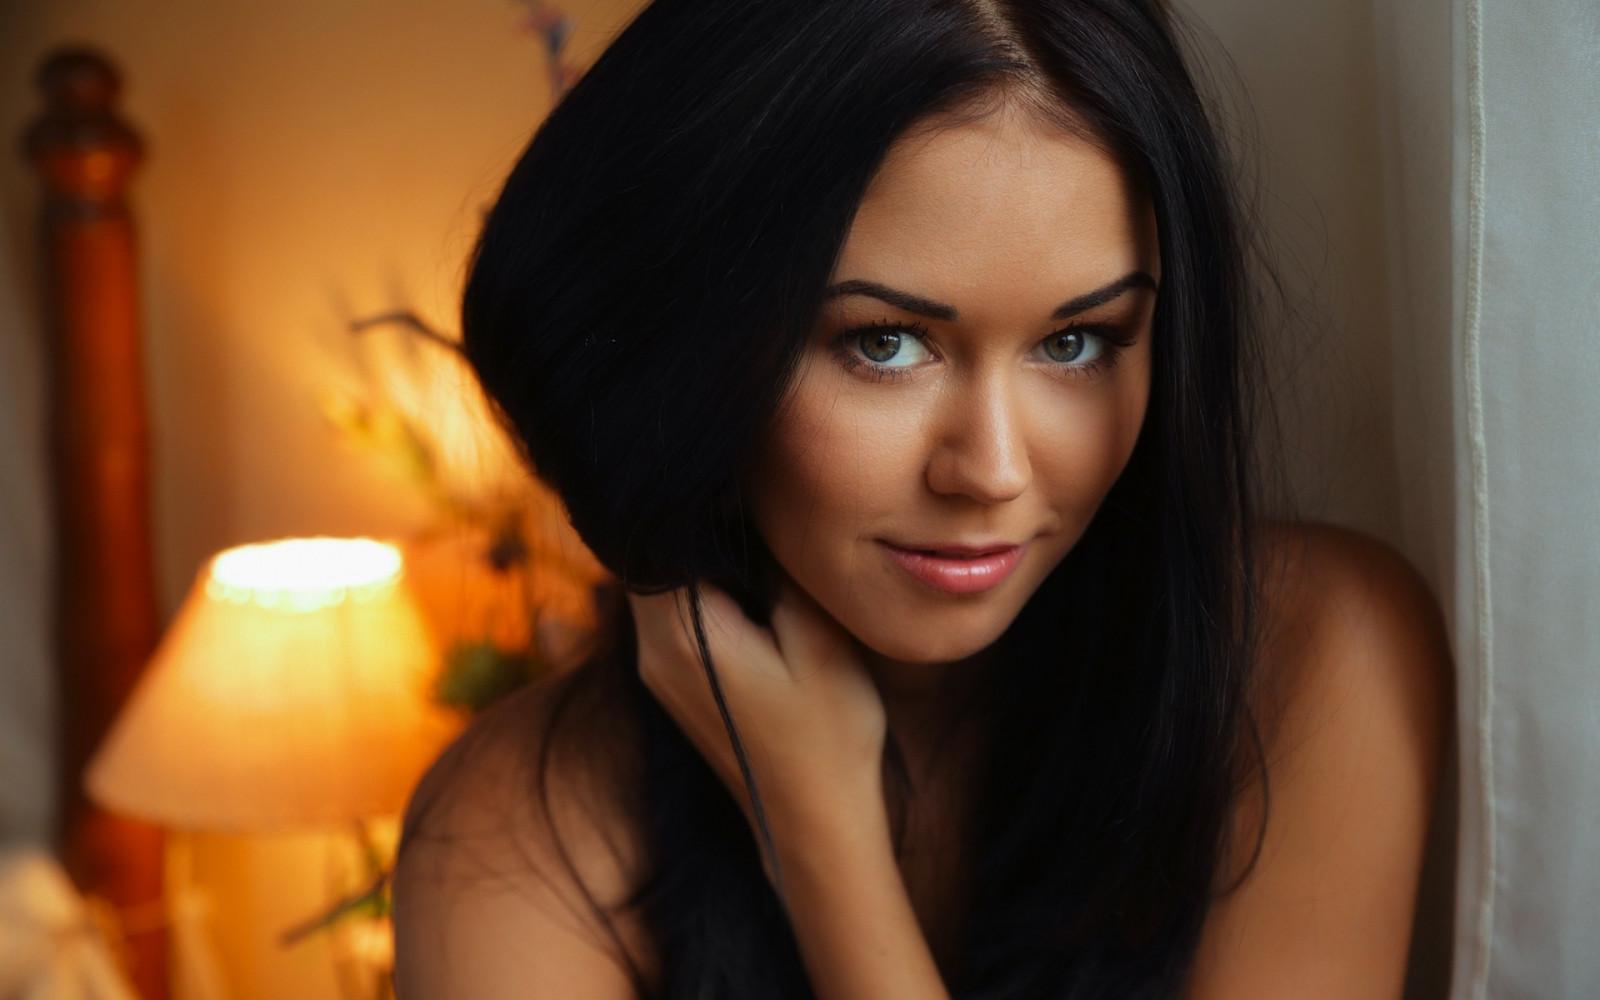 ofigenskie-igri-ocharovatelnoy-bryunetki-doma-transvestiti-konchayut-v-kisku